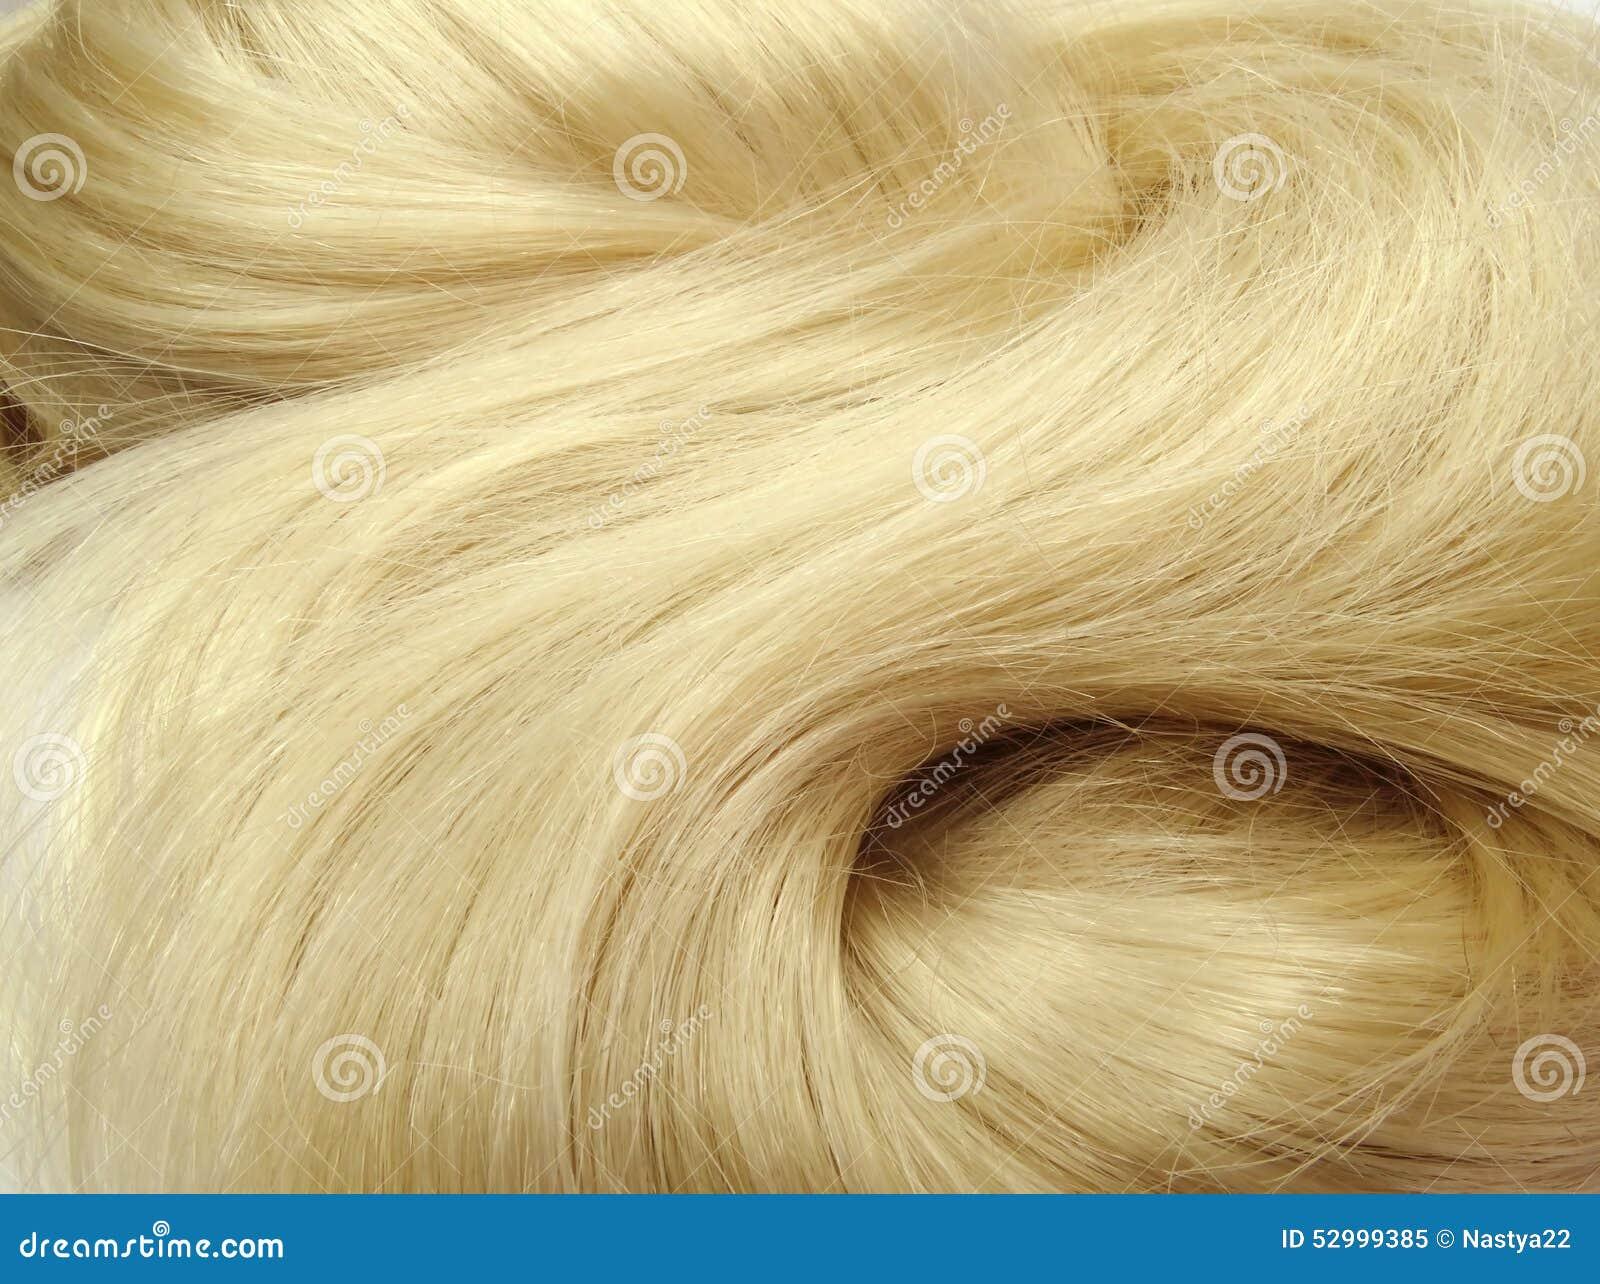 聚焦头发纹理摘要背景.图片